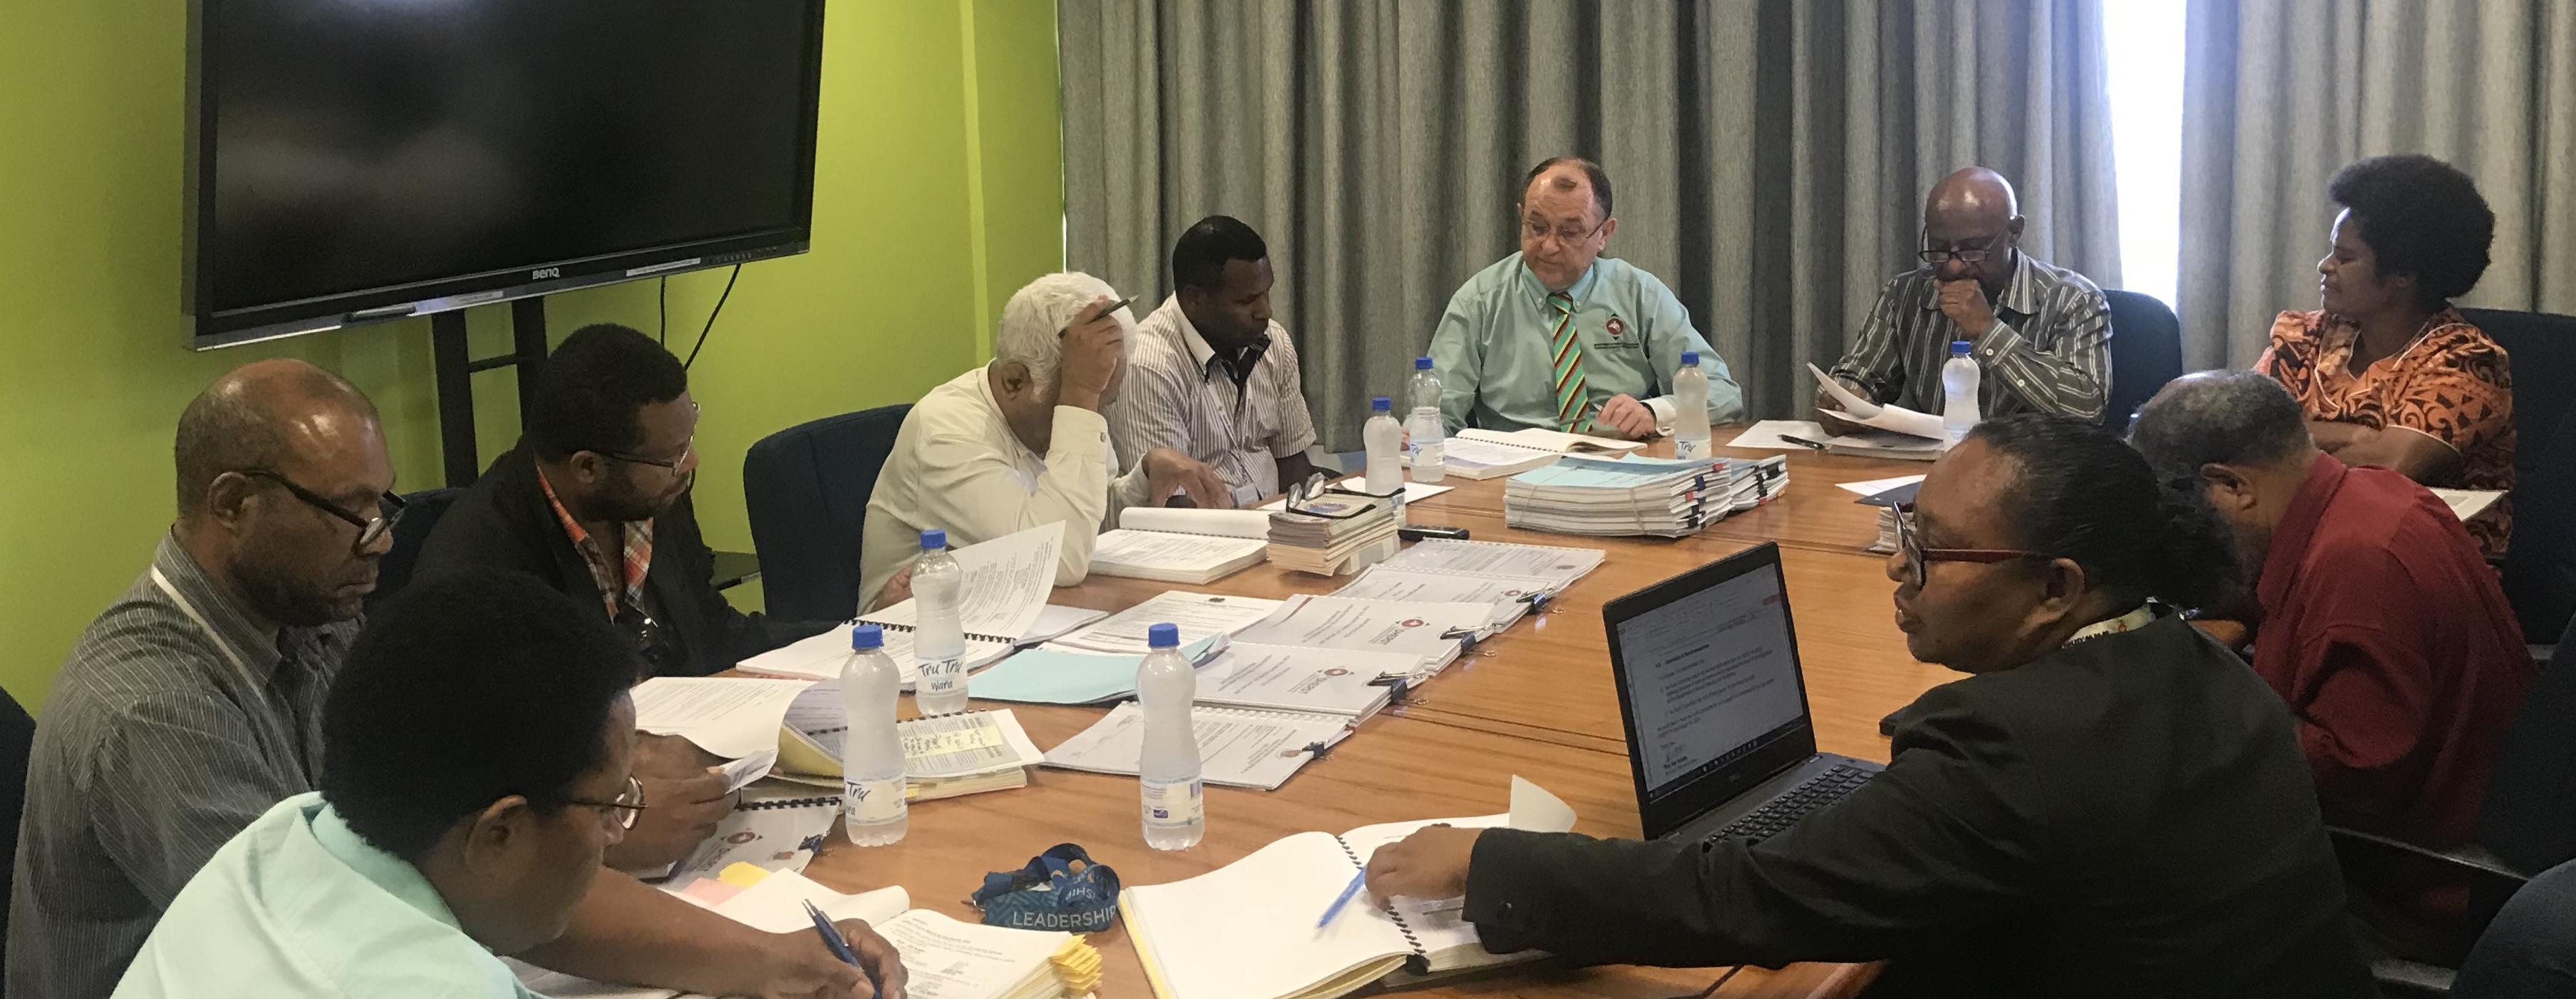 Audit Committee Members